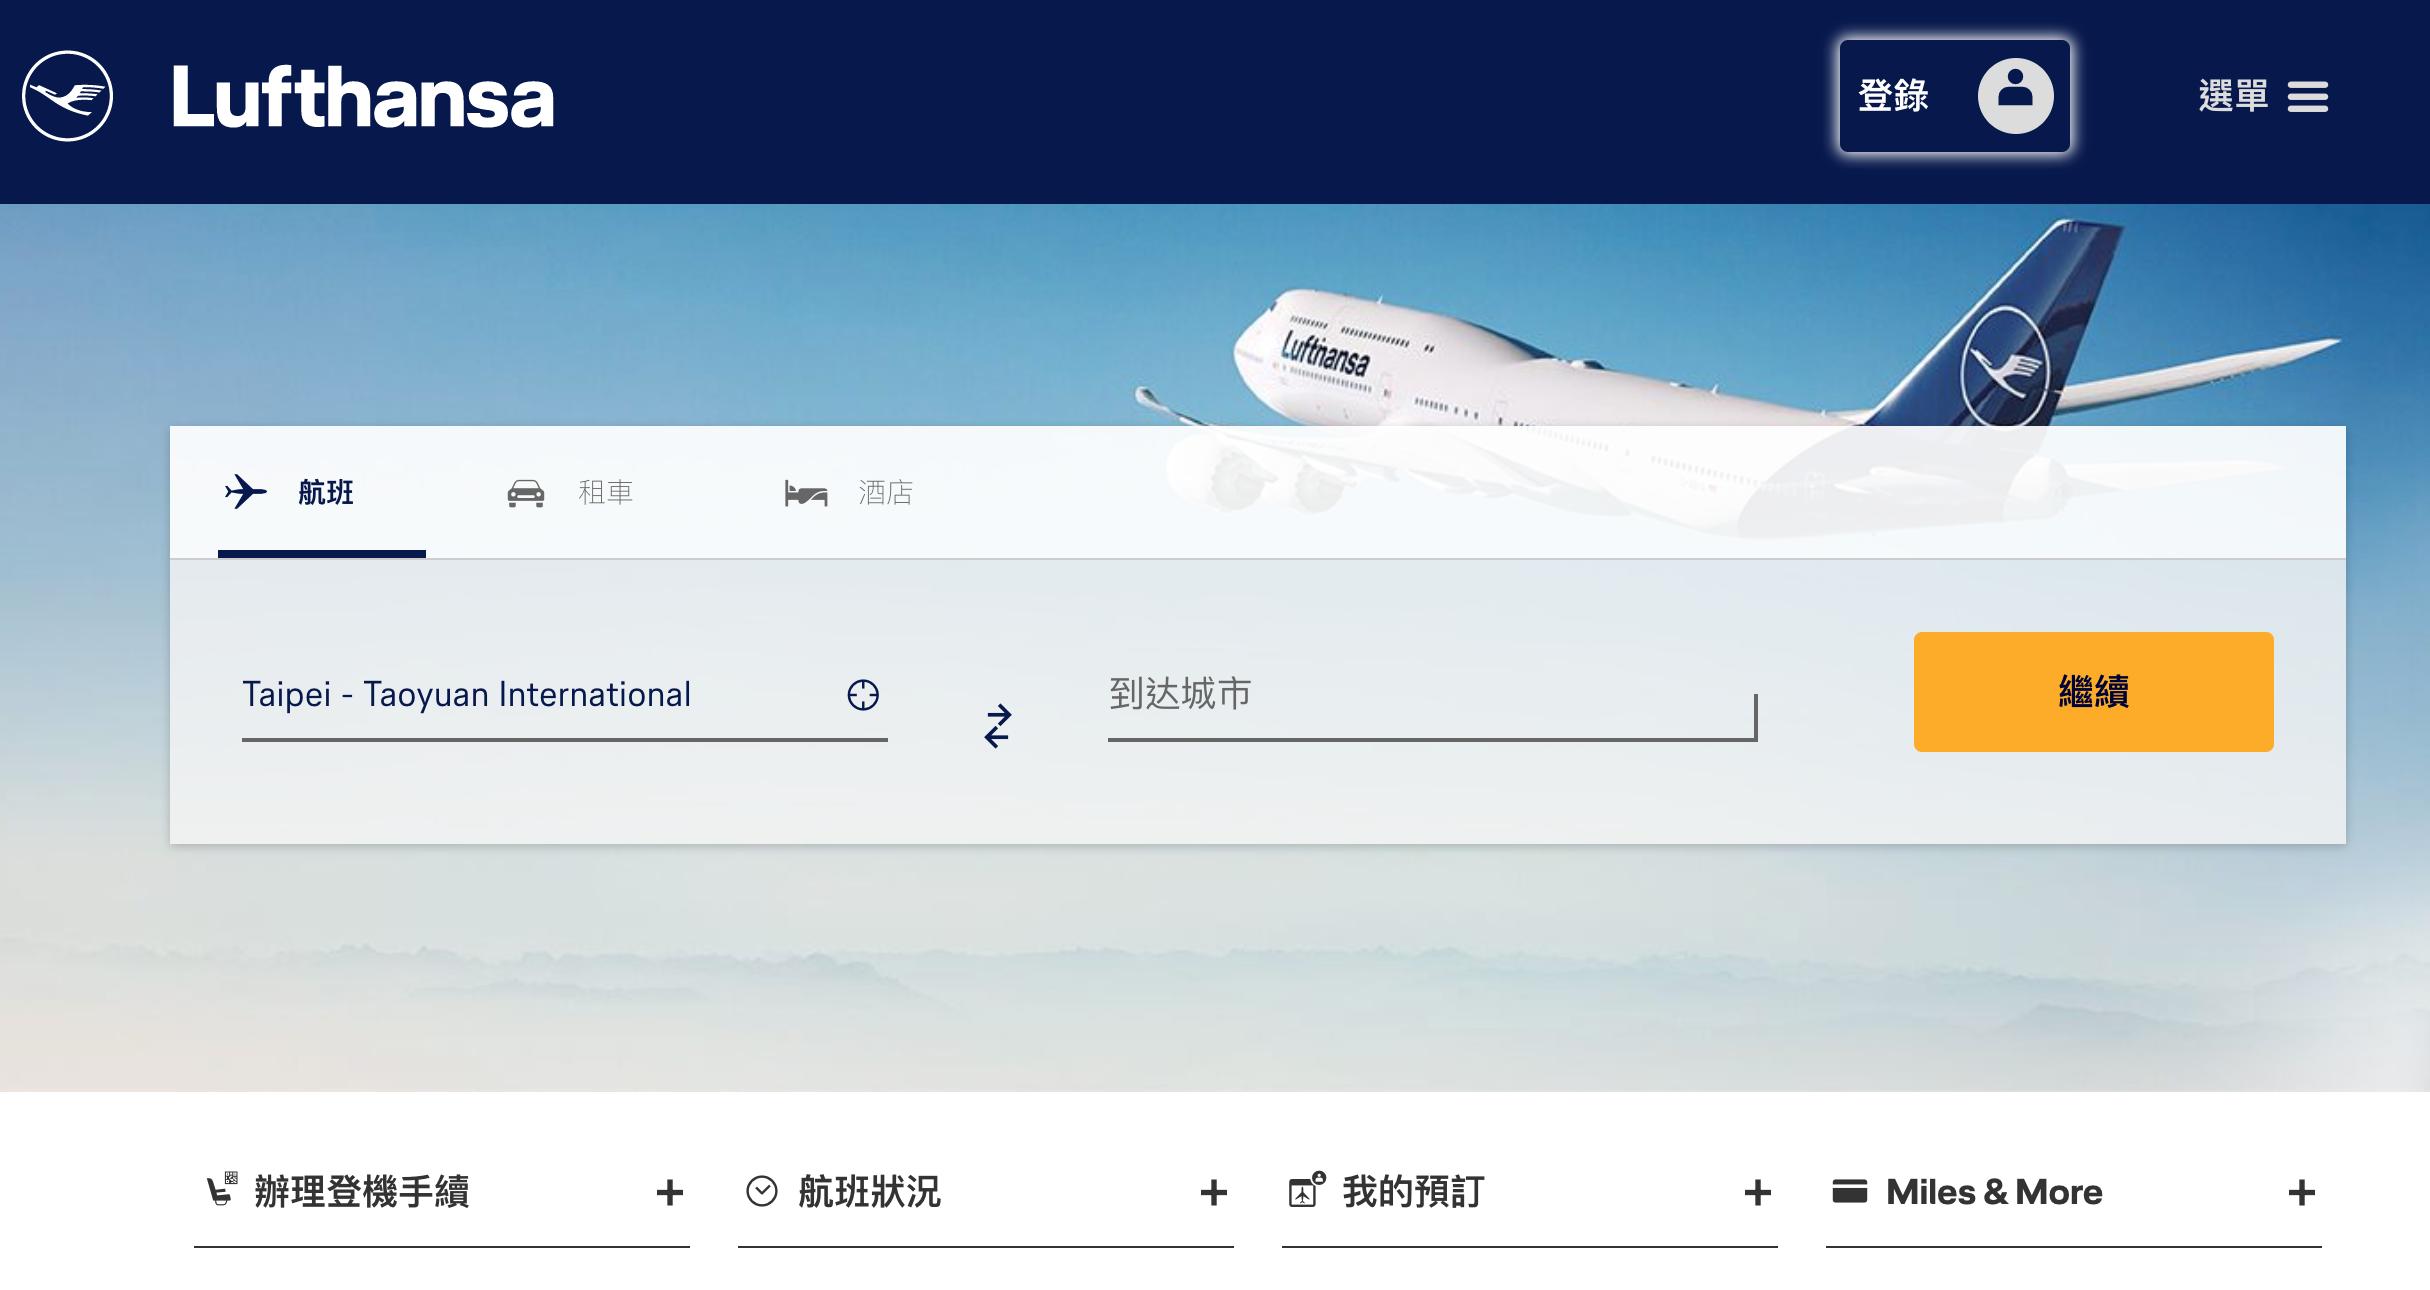 漢莎航空評價、行李重量、申辦會員第一次就上手!搭A380法蘭克福轉飛葡萄牙行前準備